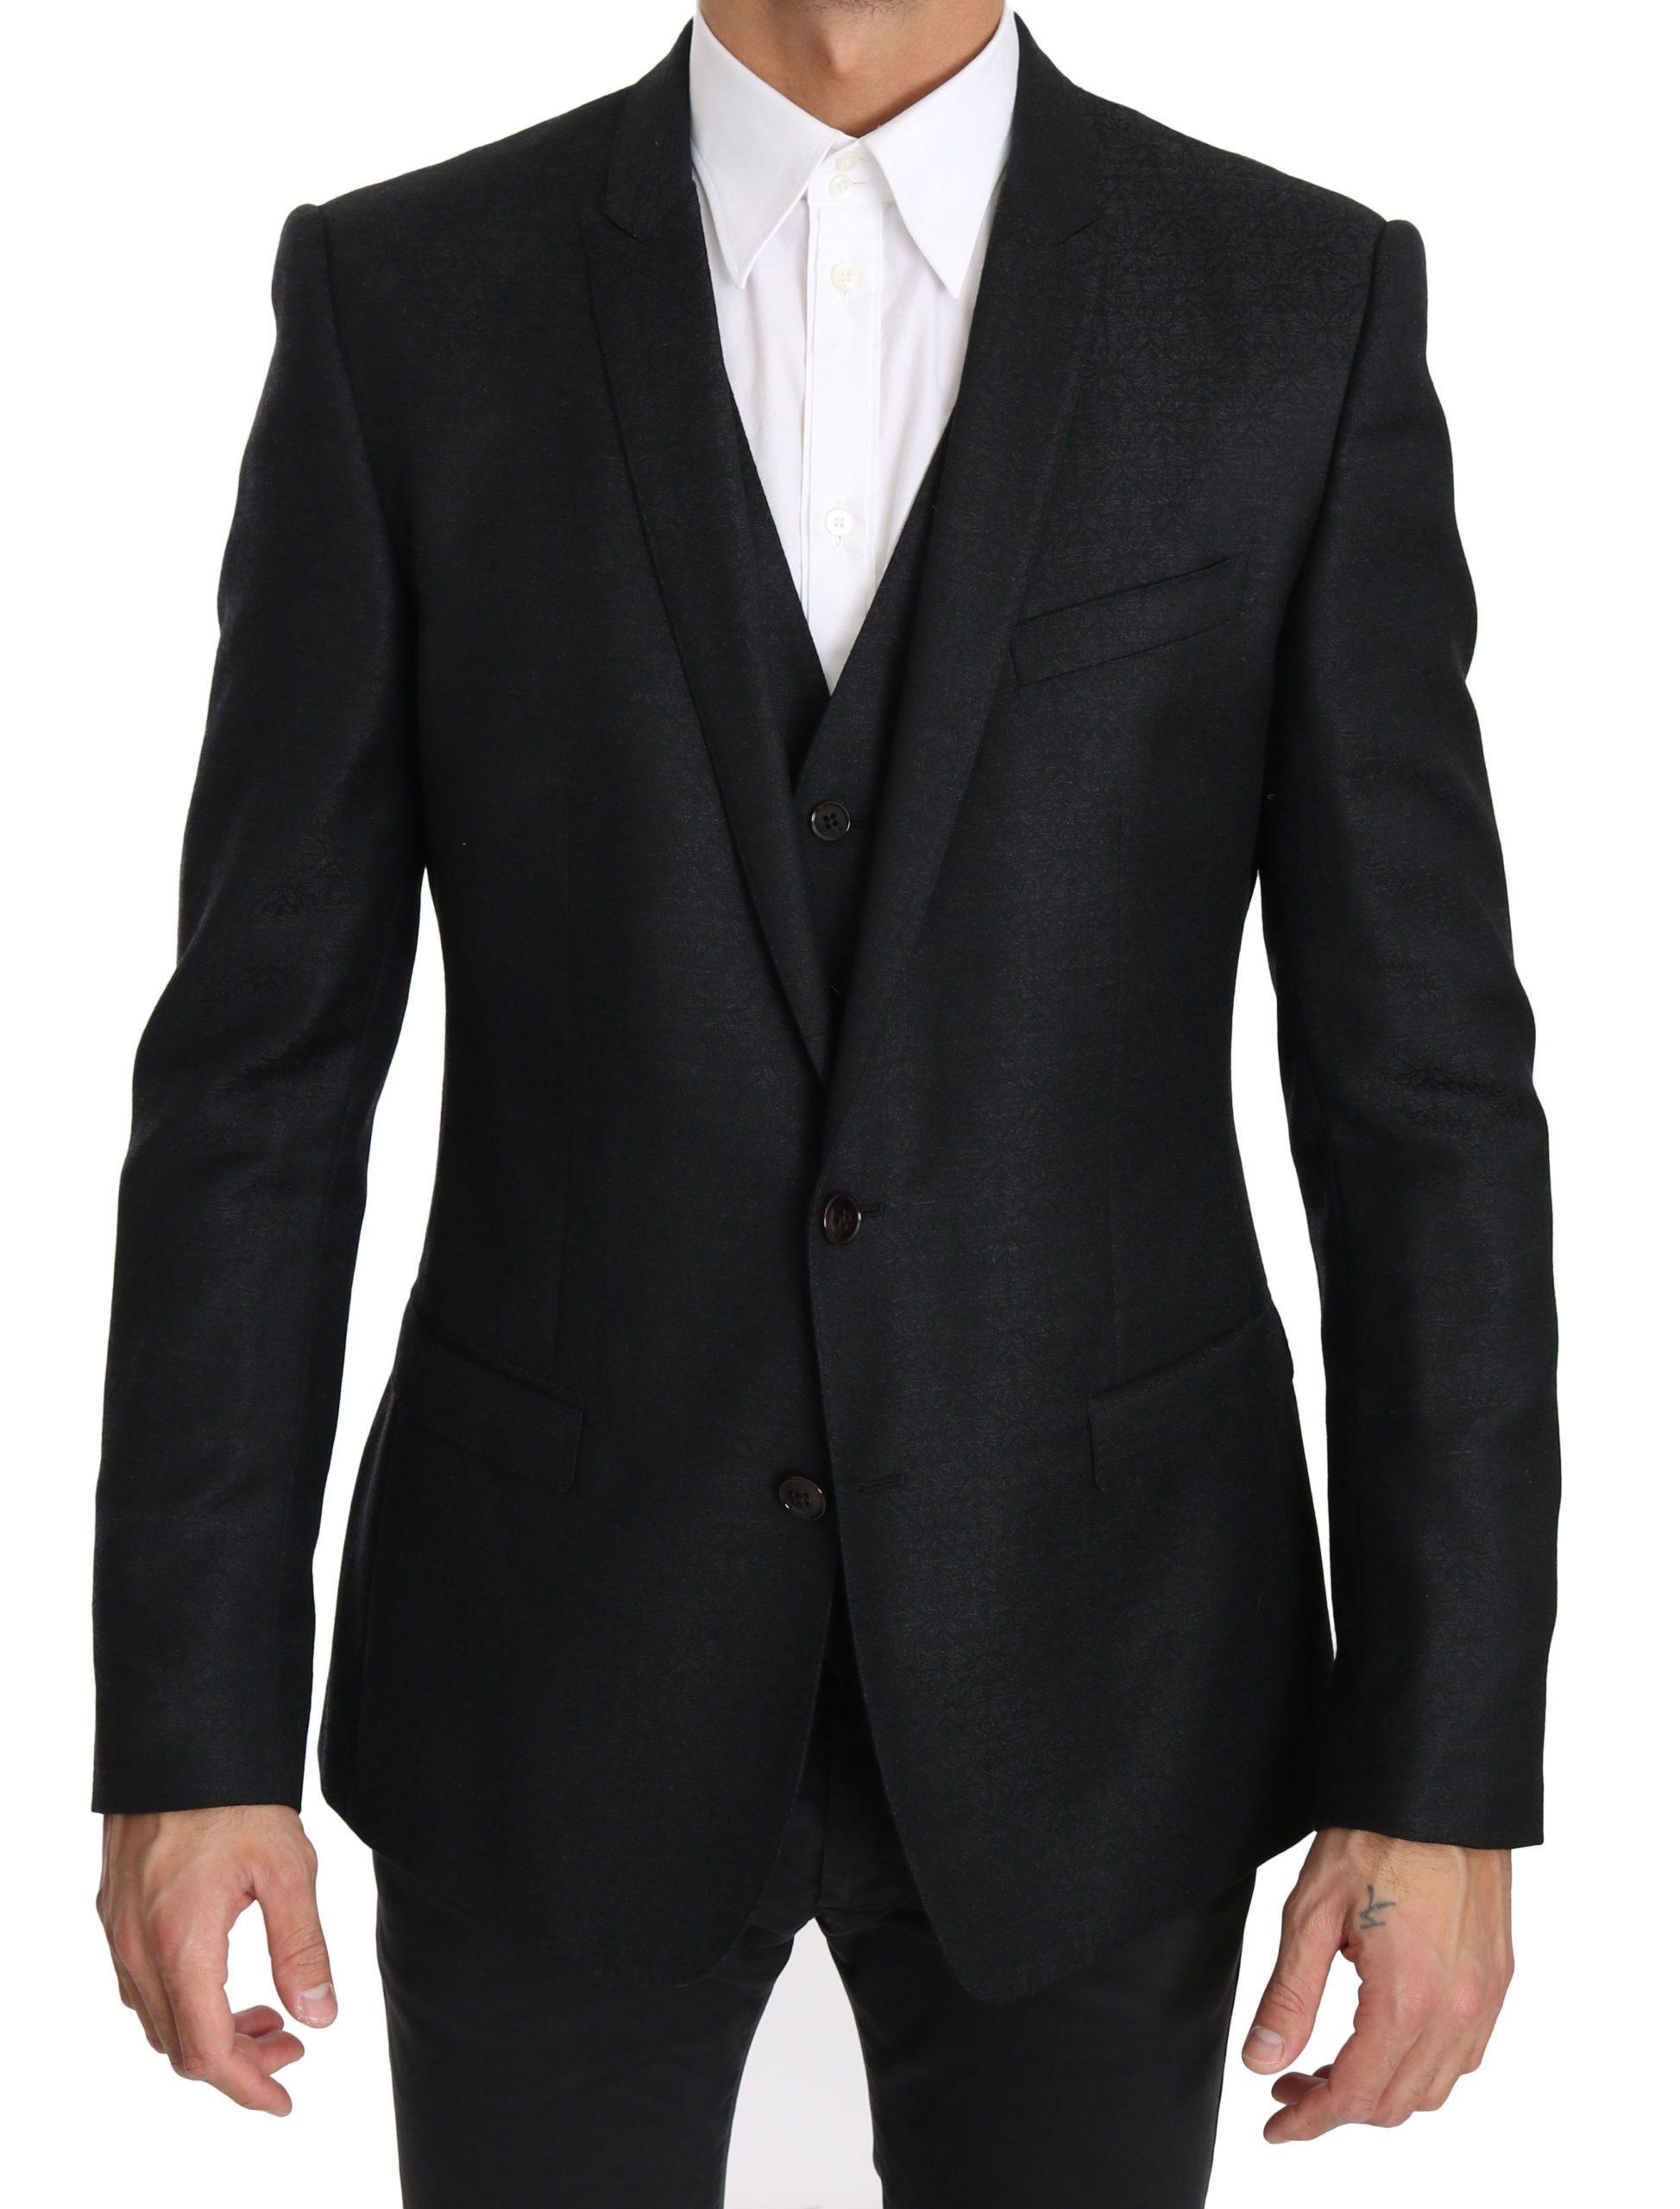 Dolce & Gabbana Men's Two Piece Blazer Black KOS1611 - IT50   L